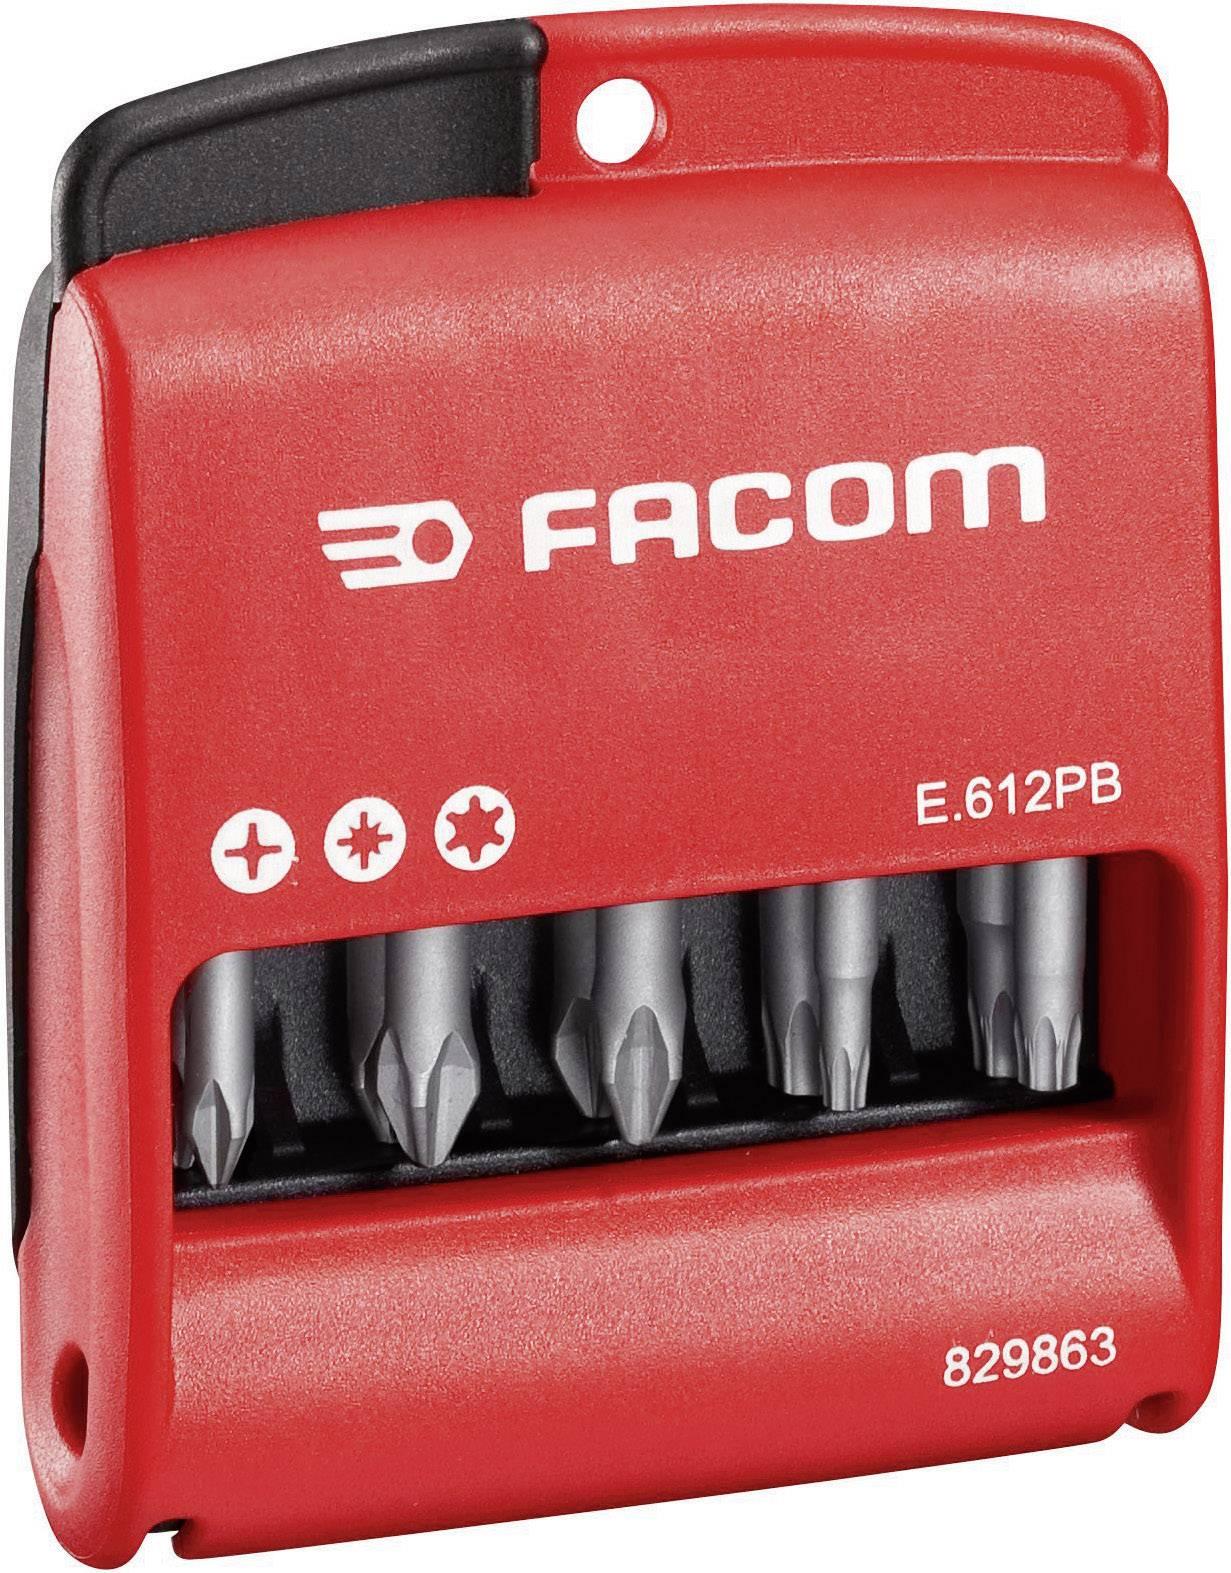 Sada bitů Facom E.612PB, 50 mm, 10dílná